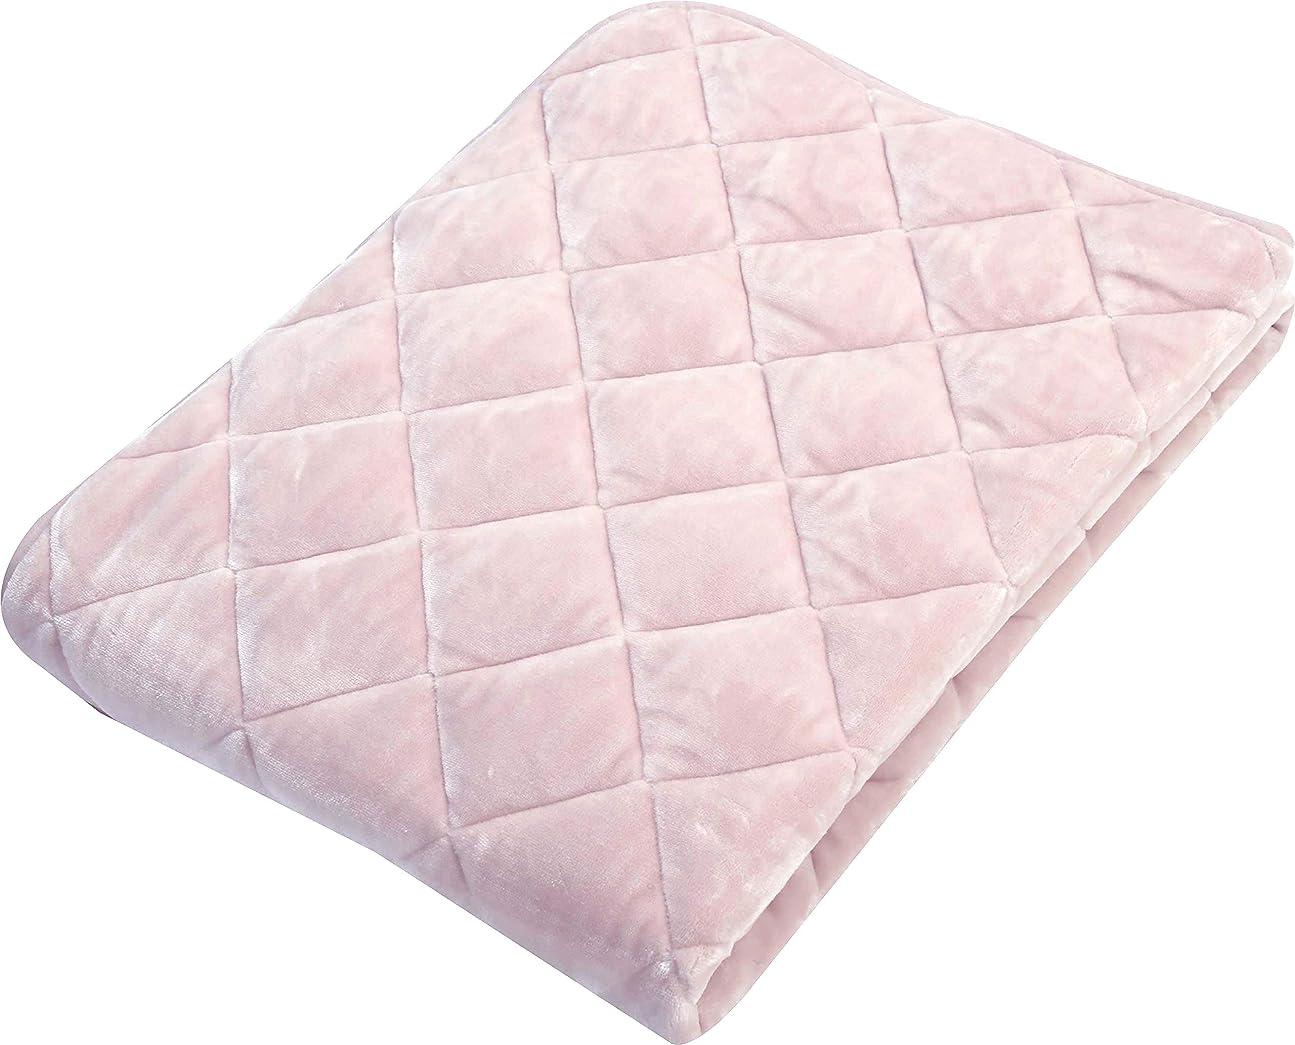 アークシャイ銀行京都西川 敷きパッド ピンク シングル プレミアムソフト 洗える あったか ふわふわ やわらか 無地 2EPK6702 S